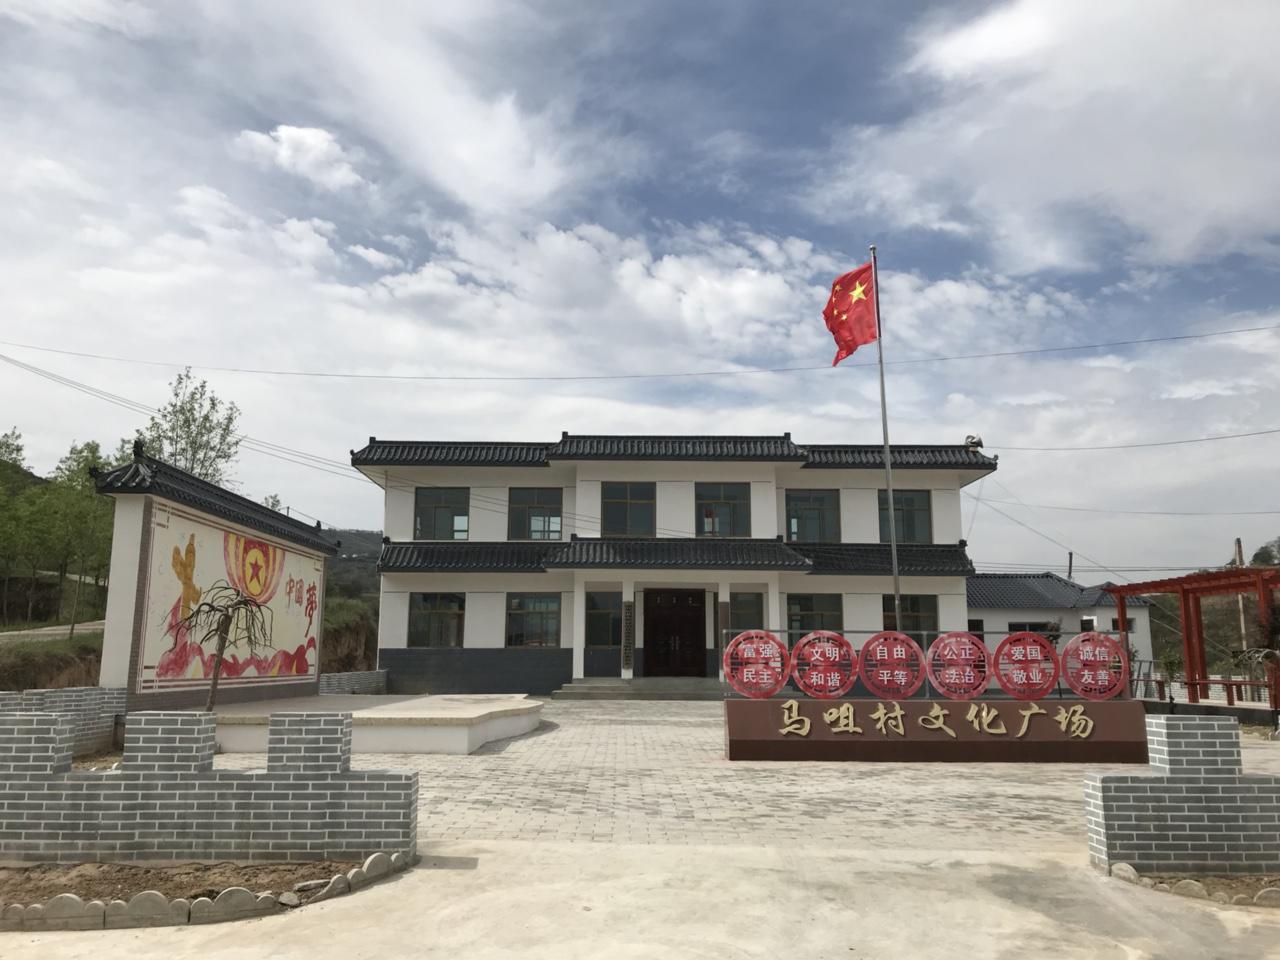 【文化惠民】连五梁上最美的风景那就是乡村综合文化服务中心